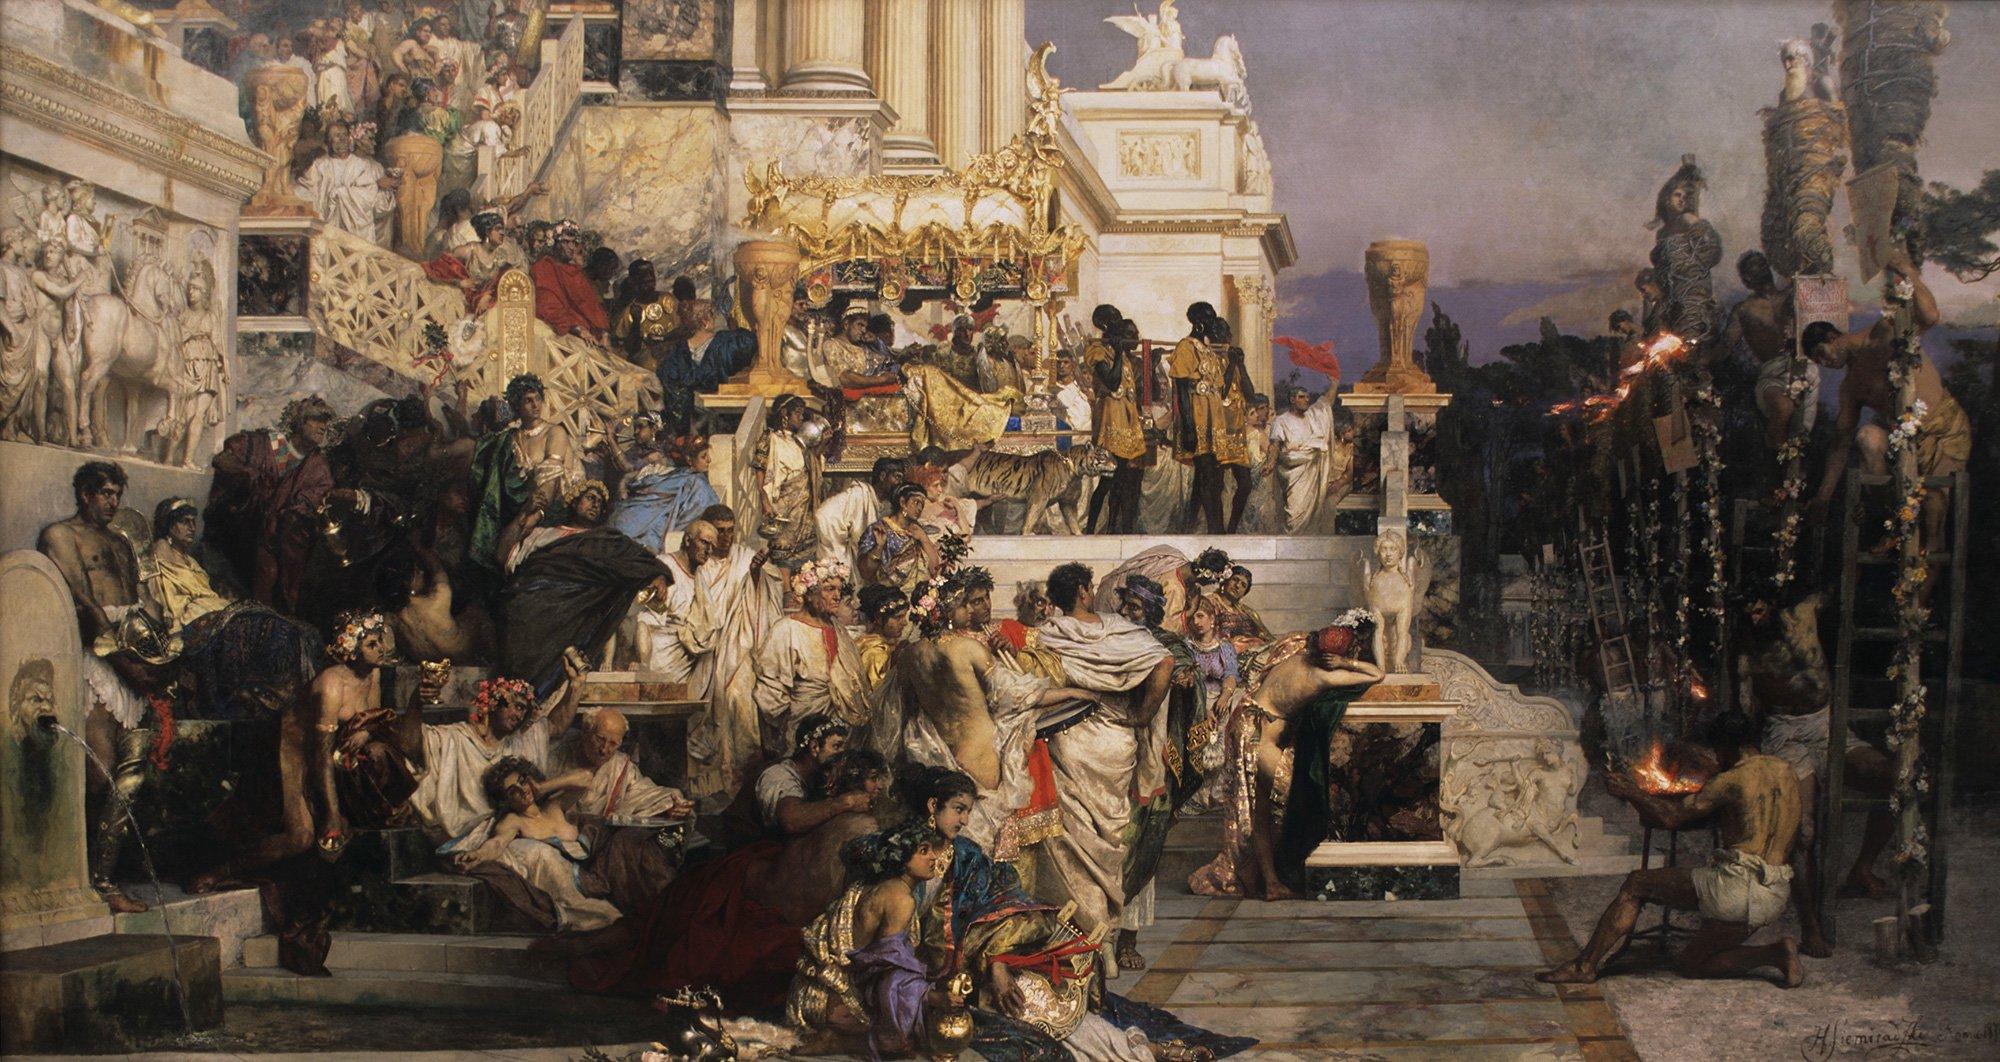 Pochodnie Nerona Źródło: Henryk Siemiradzki, Pochodnie Nerona, 1876, olej na płótnie, Muzeum Narodowe wKrakowie, domena publiczna.